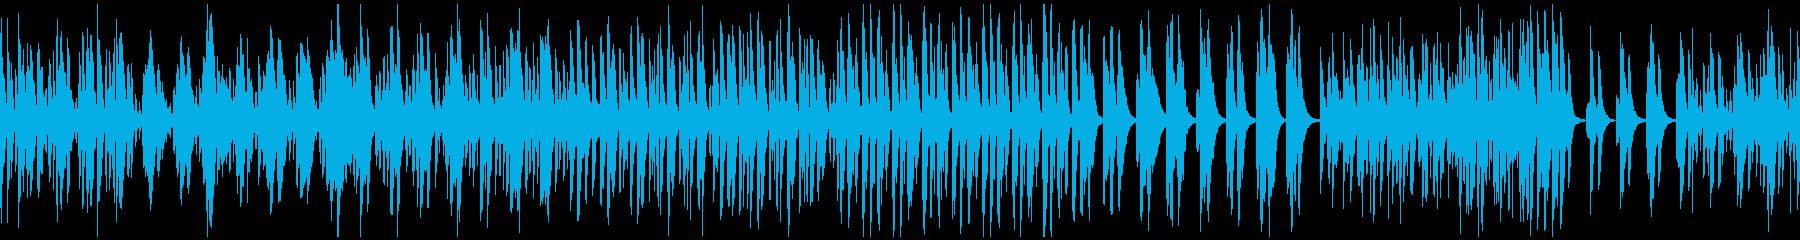 春のほのぼのとしたピチカート曲 ループの再生済みの波形